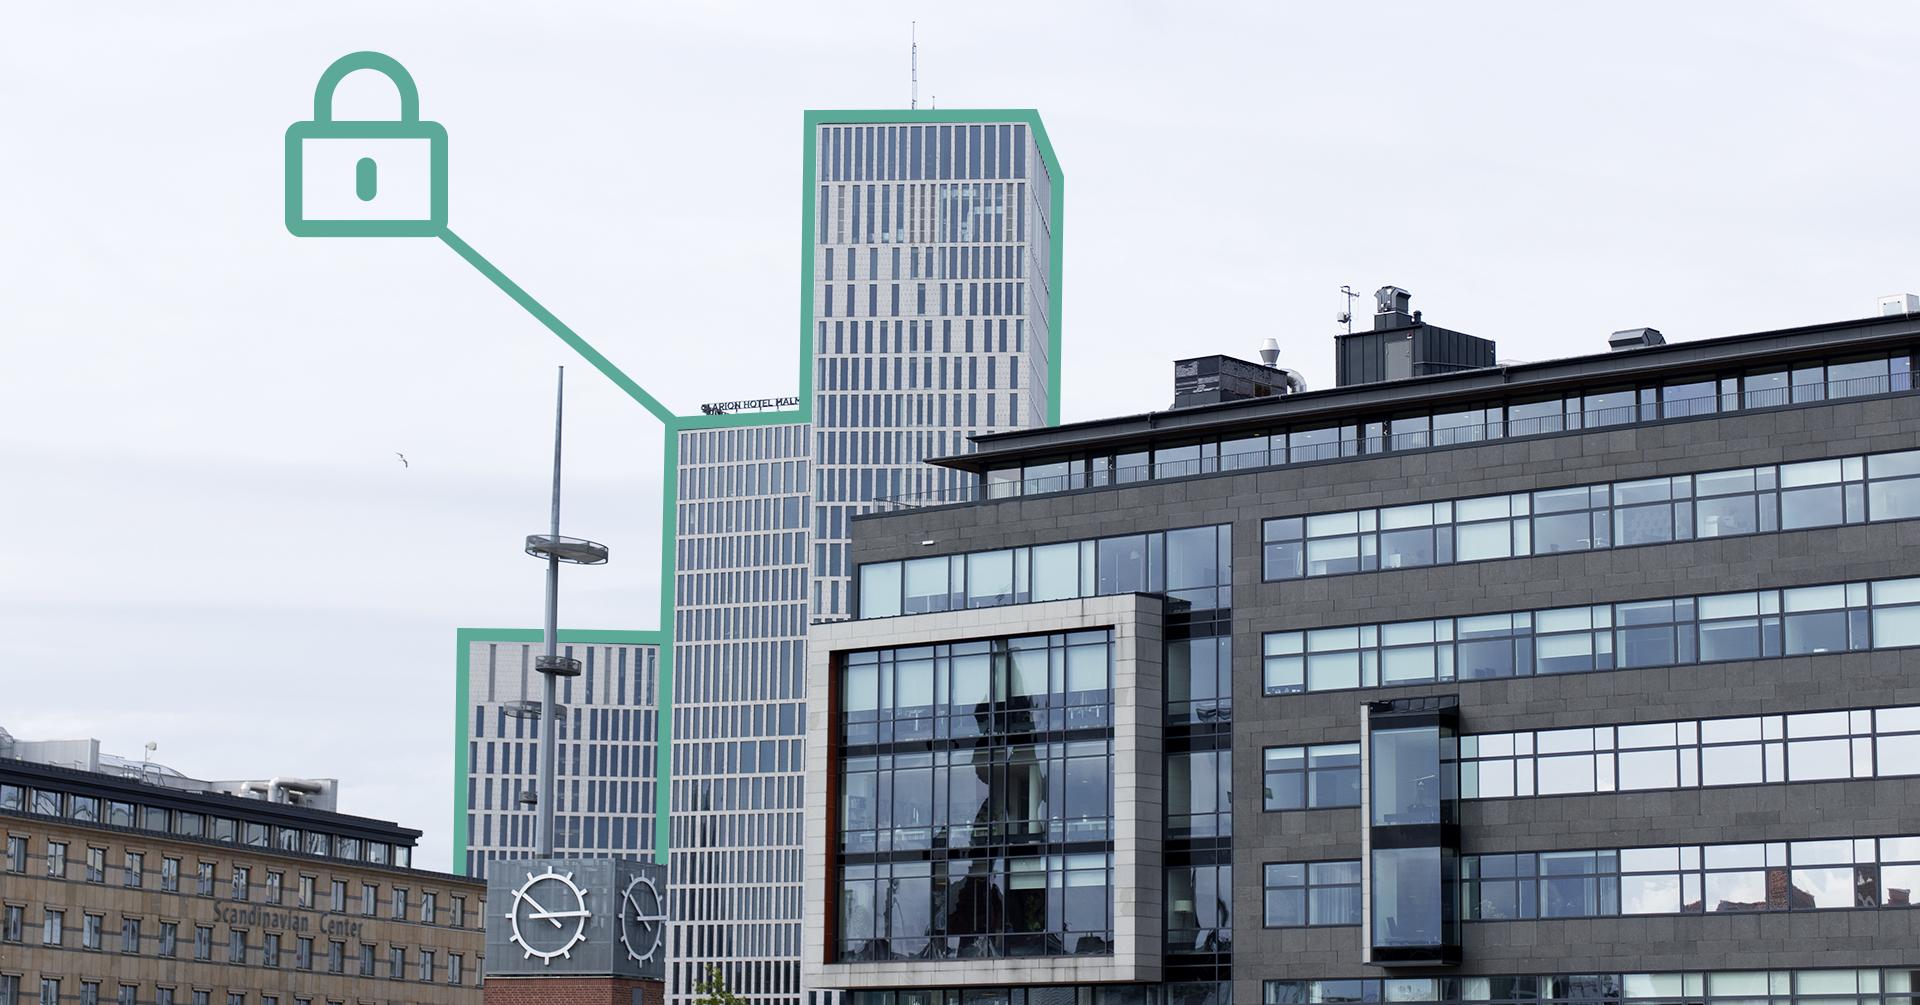 På bilden syns flera höghus. Fasaderna har många fönster och ett tecknat grönt hänglås som svävar i luften jämte.